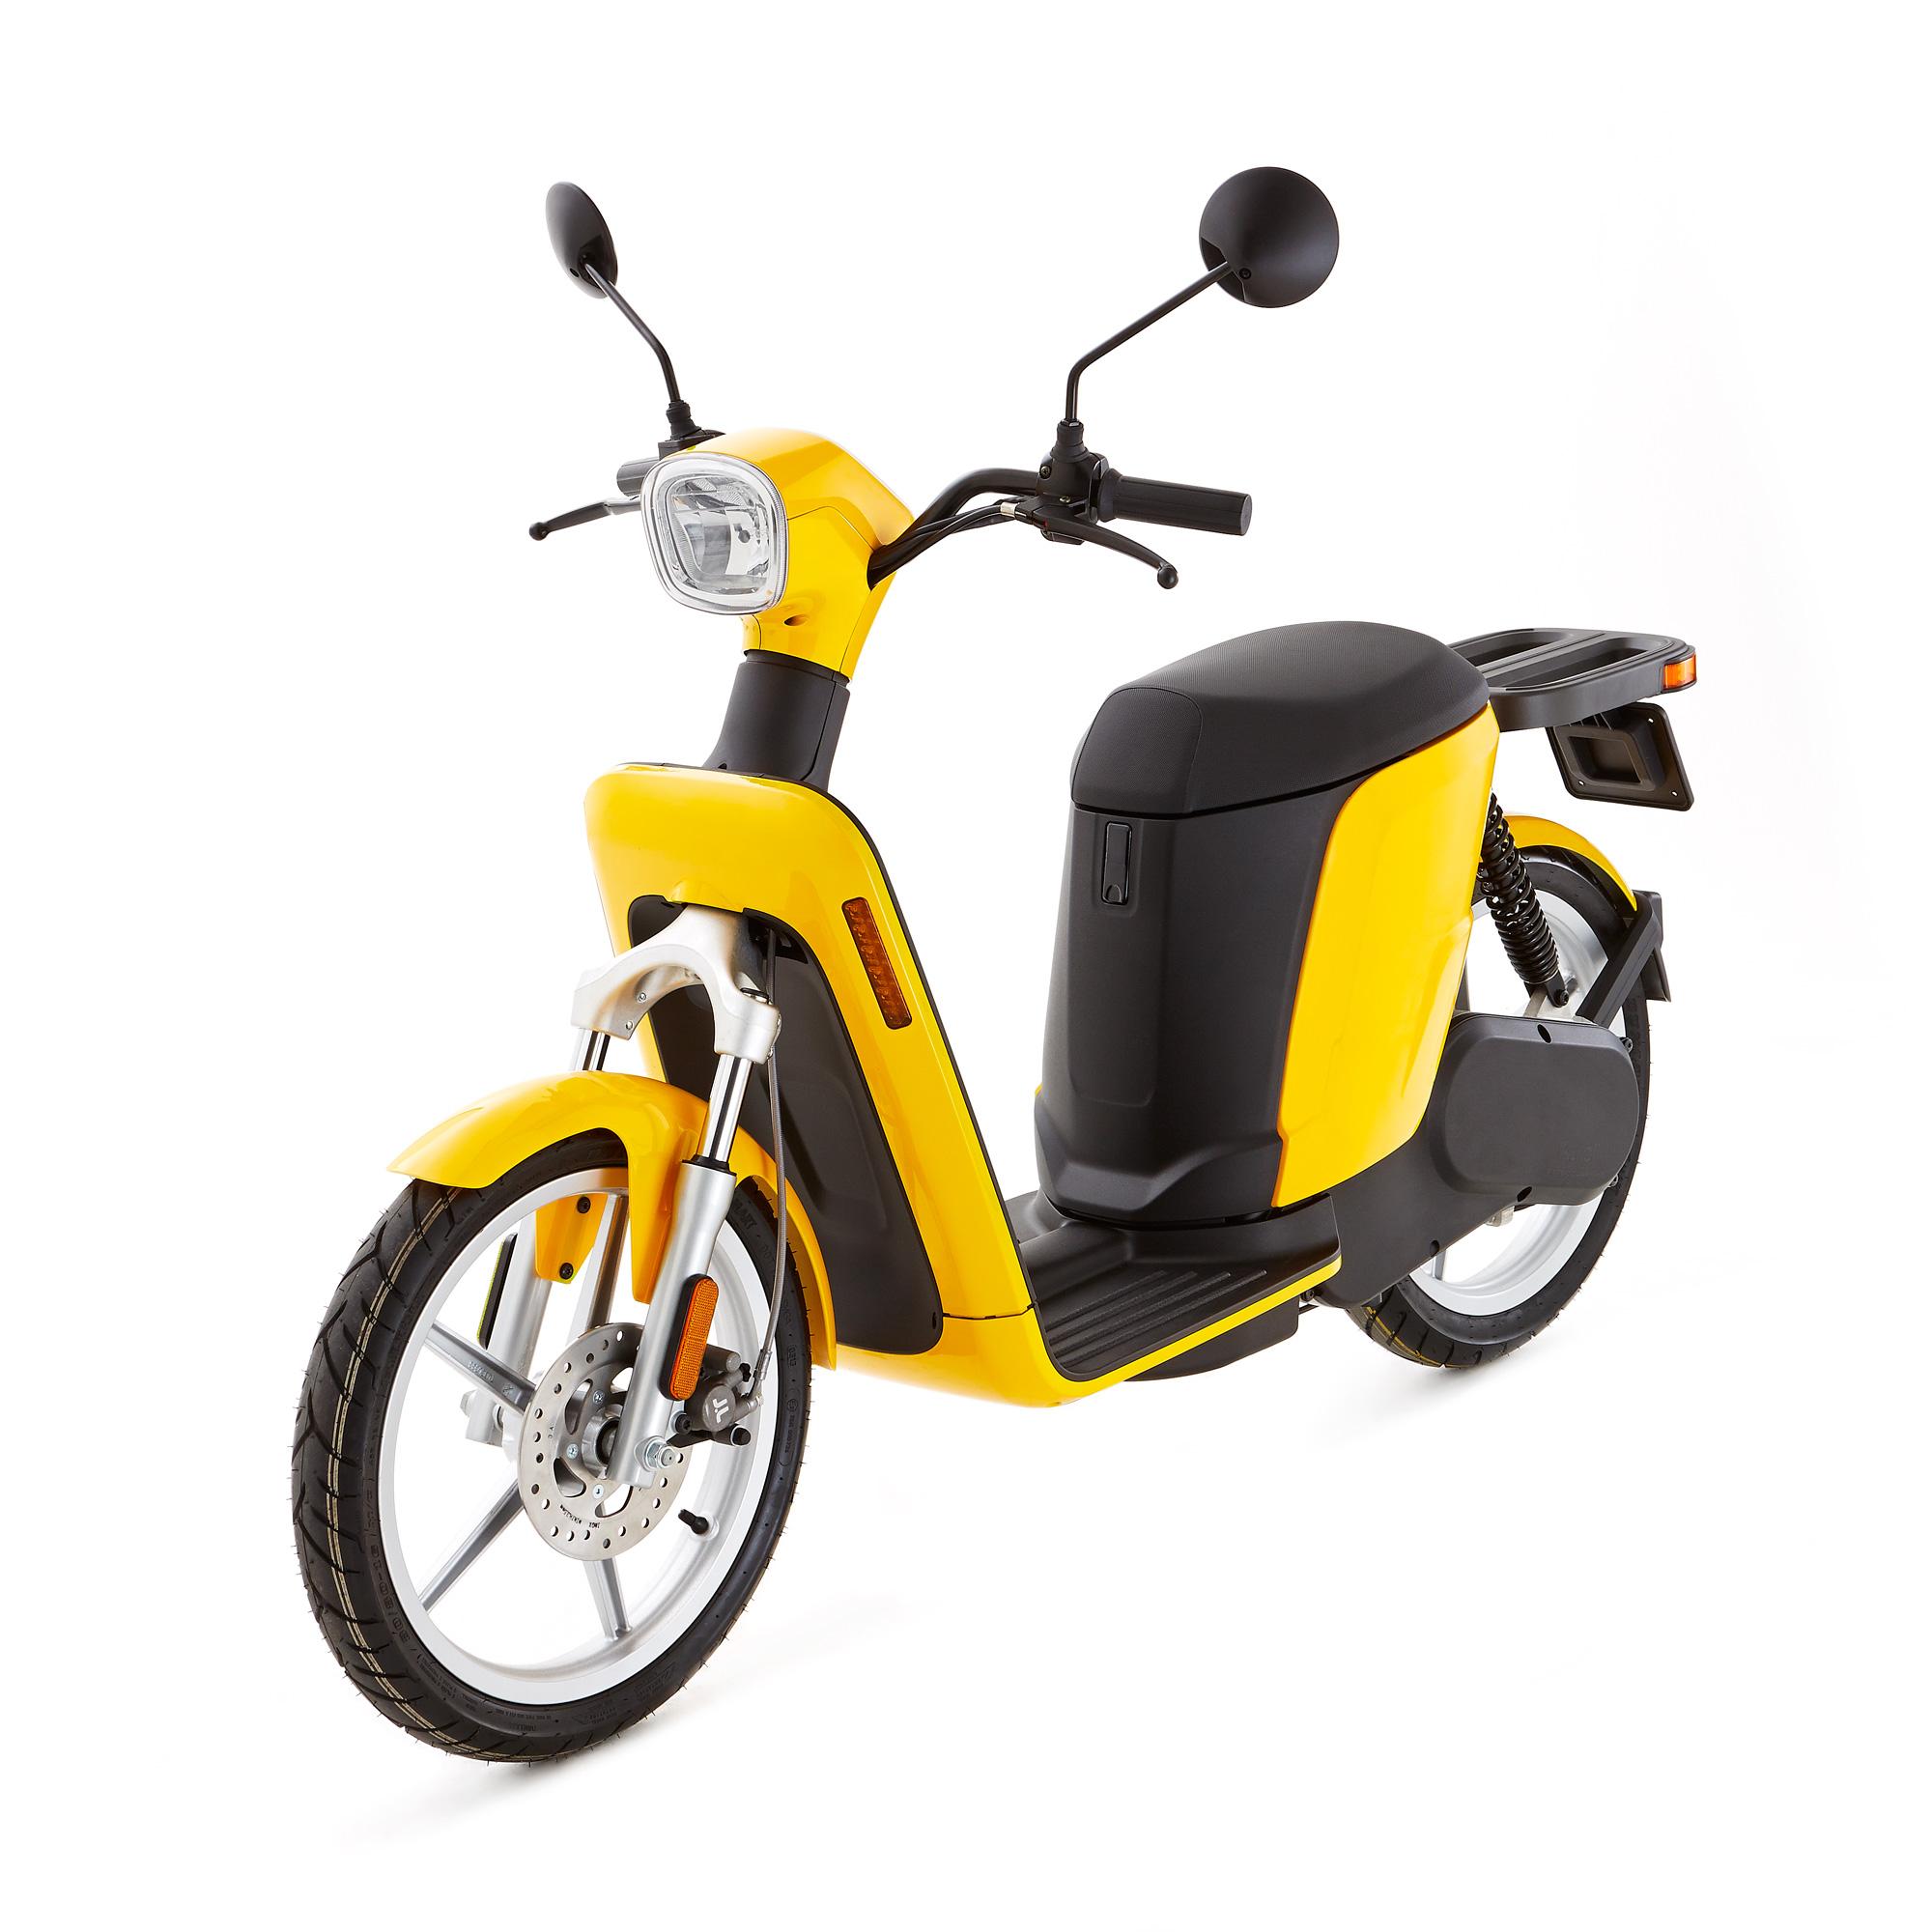 Mobilità Sostenibile: Askoll lancia i primi veicoli elettrici Made in Italy